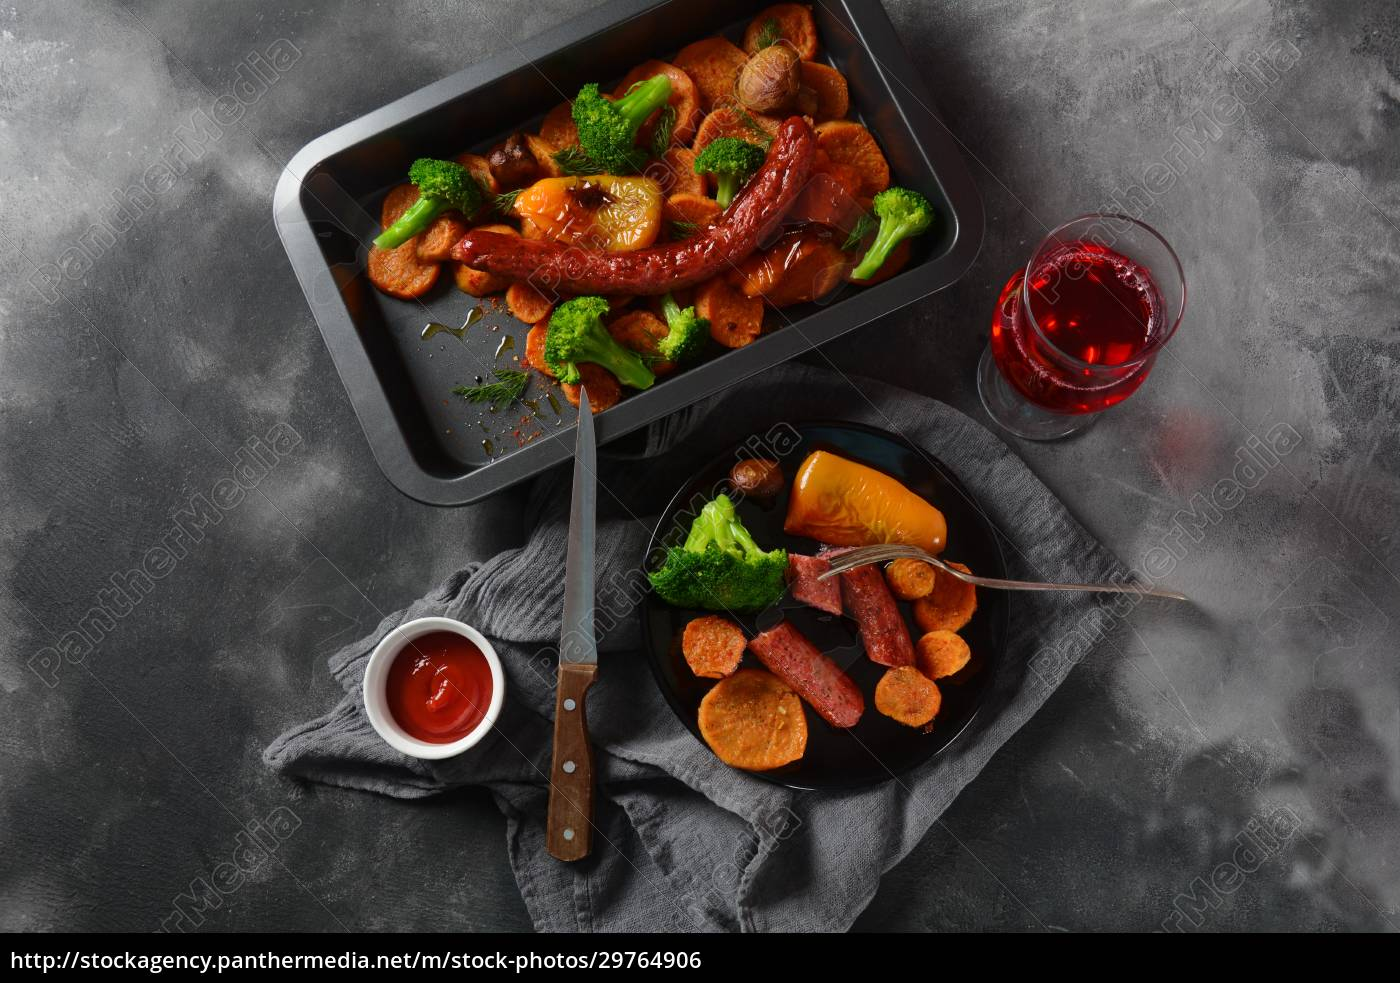 homemade, baked, orange, sweet, potato, slices - 29764906